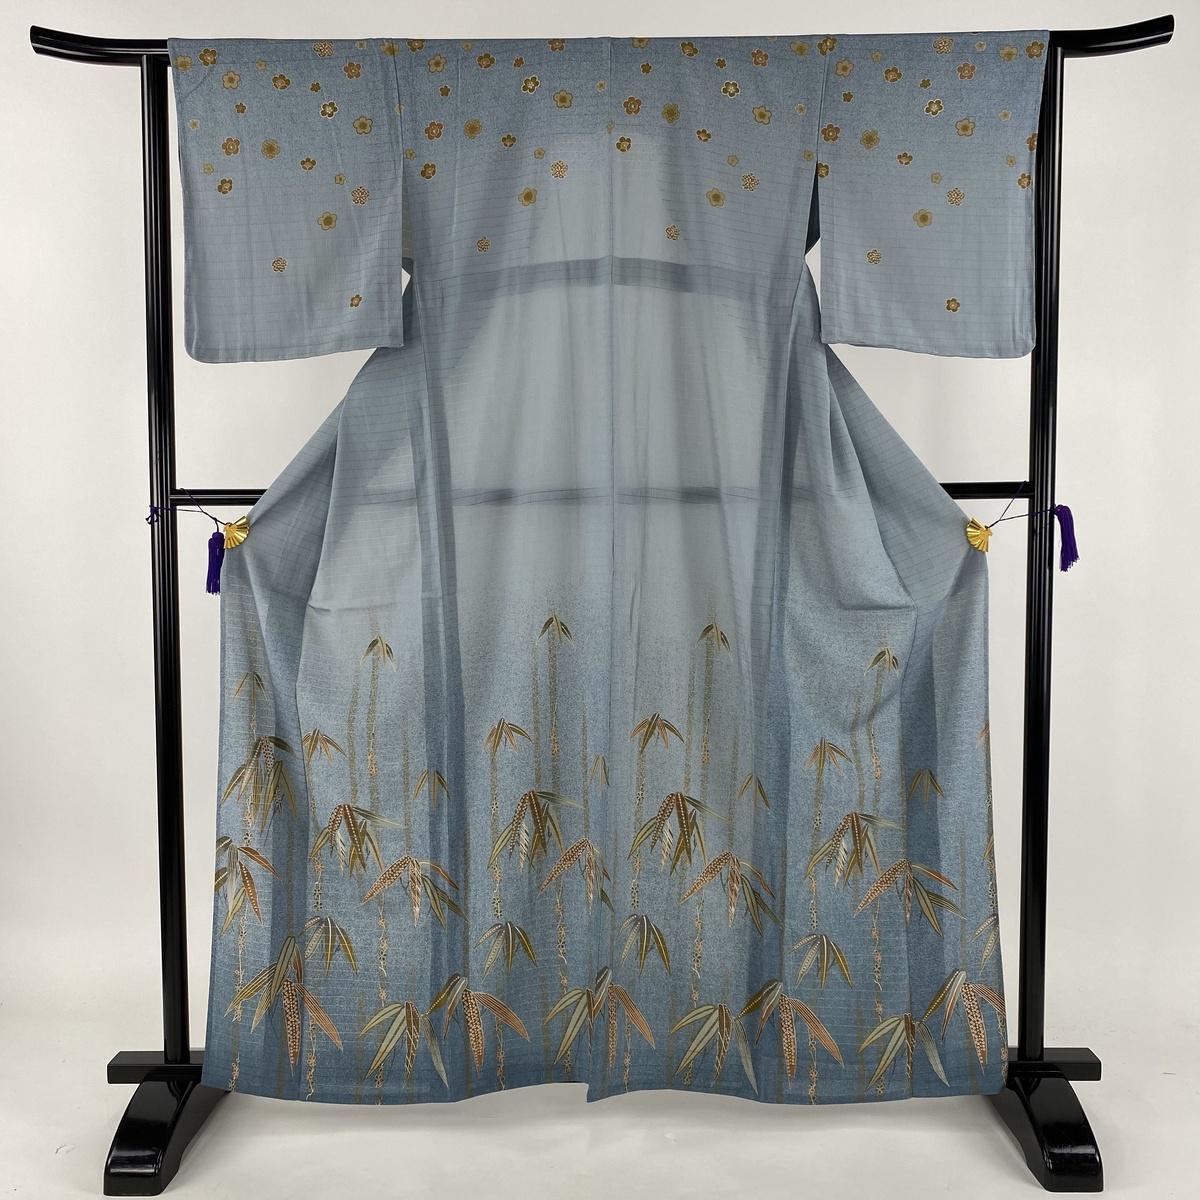 訪問着 美品 秀品 洗える着物 竹 草花 ぼかし 青灰色 単衣 身丈160.5cm 裄丈64cm M 化繊 【中古】